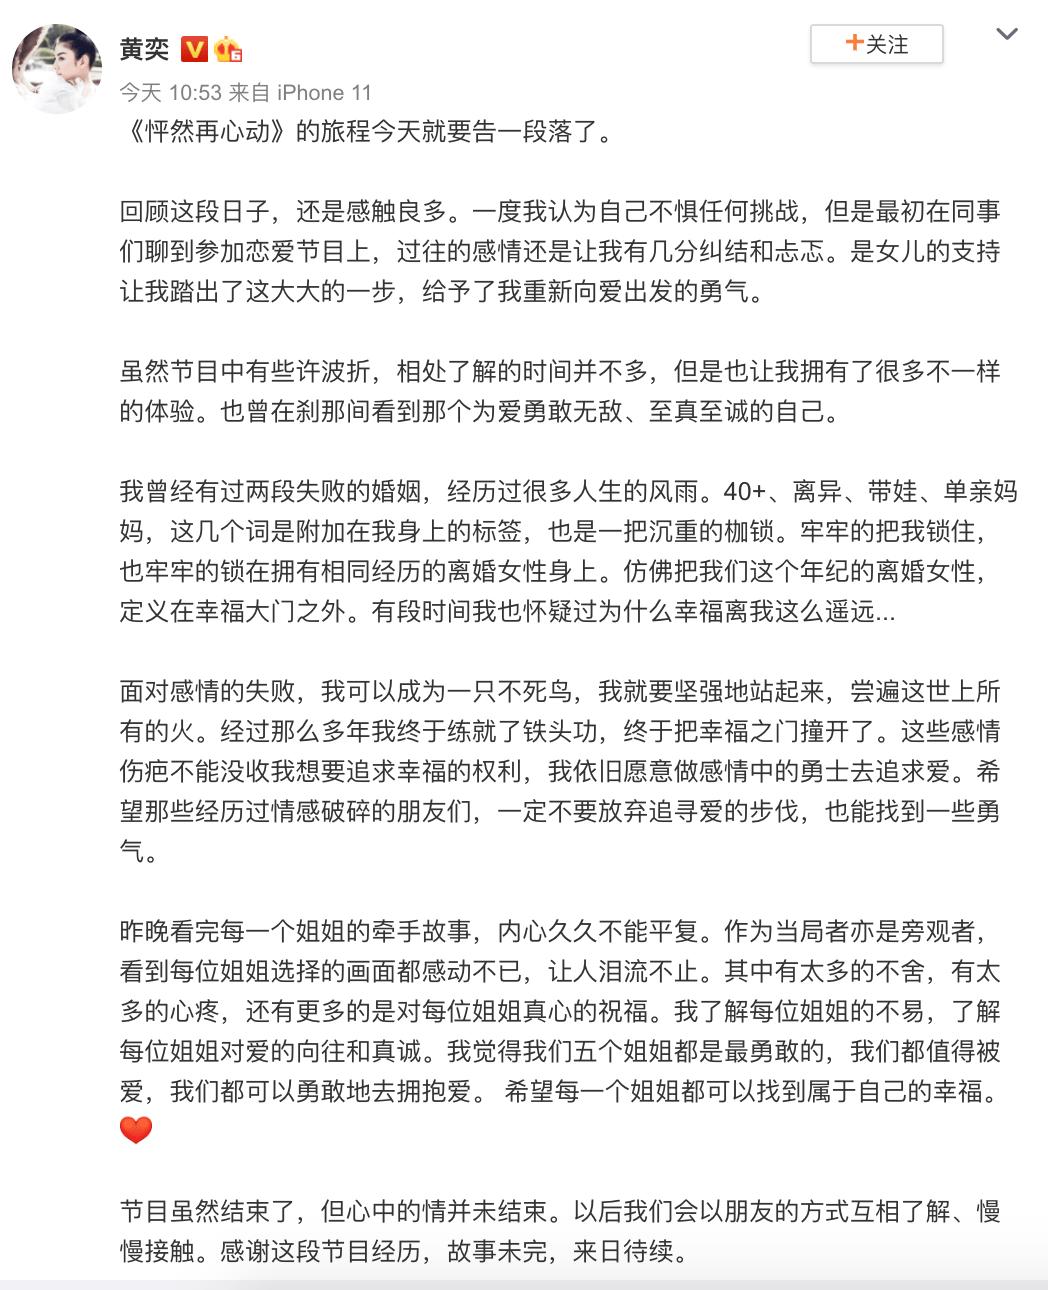 """节目中与崔伟成功牵手 黄奕甜蜜发文称""""故事未完"""""""